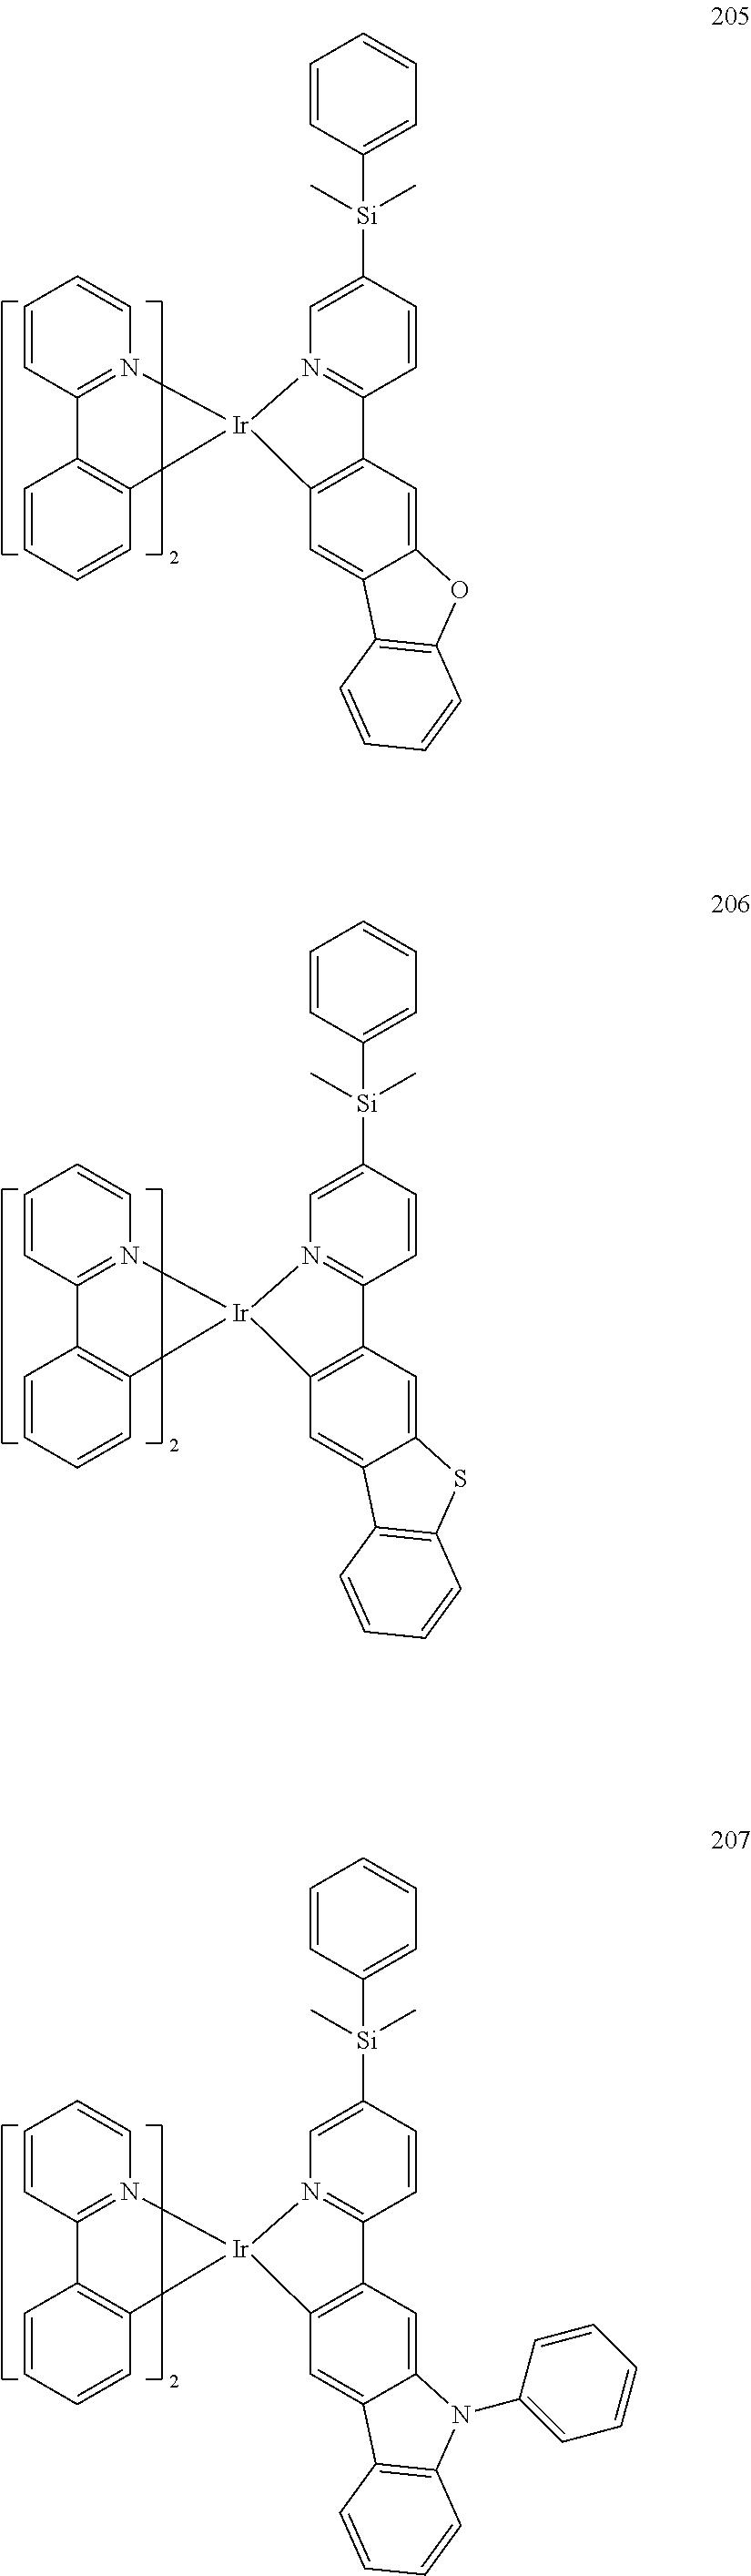 Figure US20160155962A1-20160602-C00123